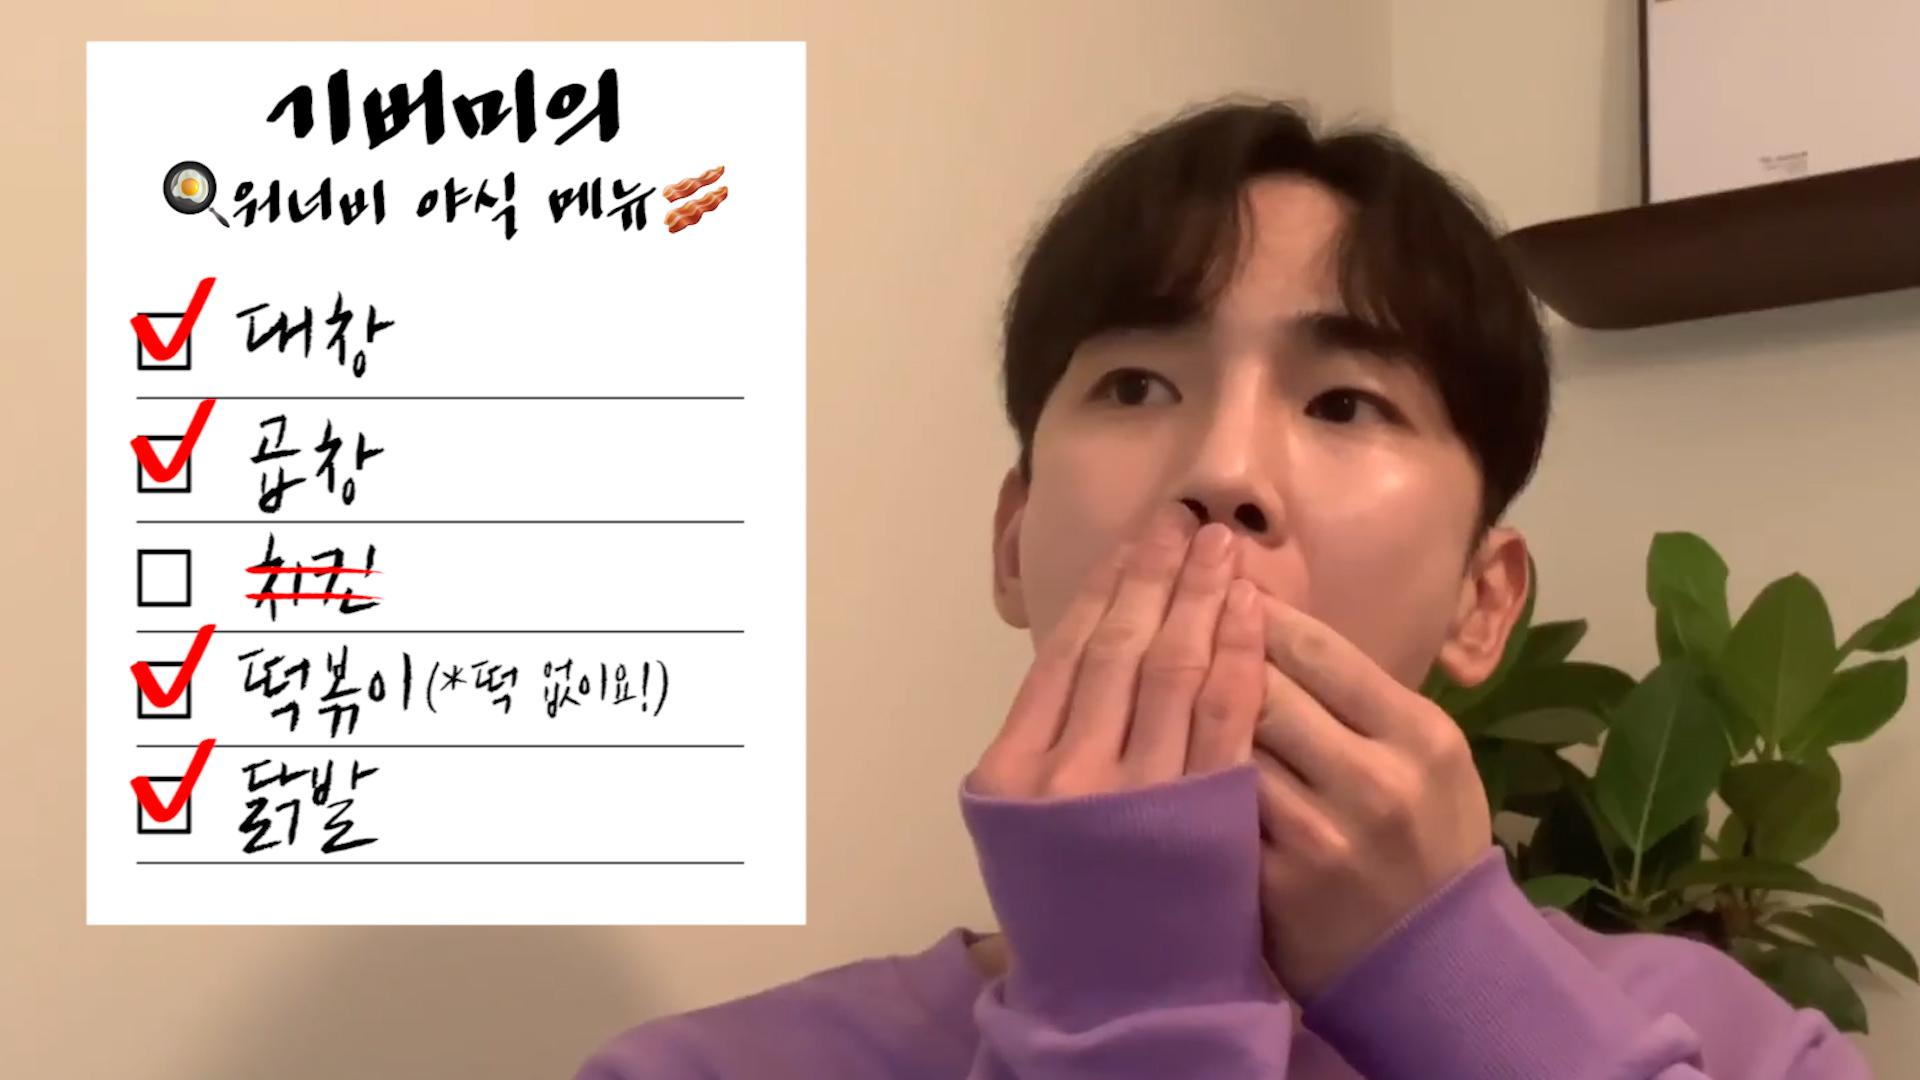 [SHINee] 귀여운 키봄 라이브 하나, 열 야식 안 부럽다😤 (KEY recommending Late night menu)